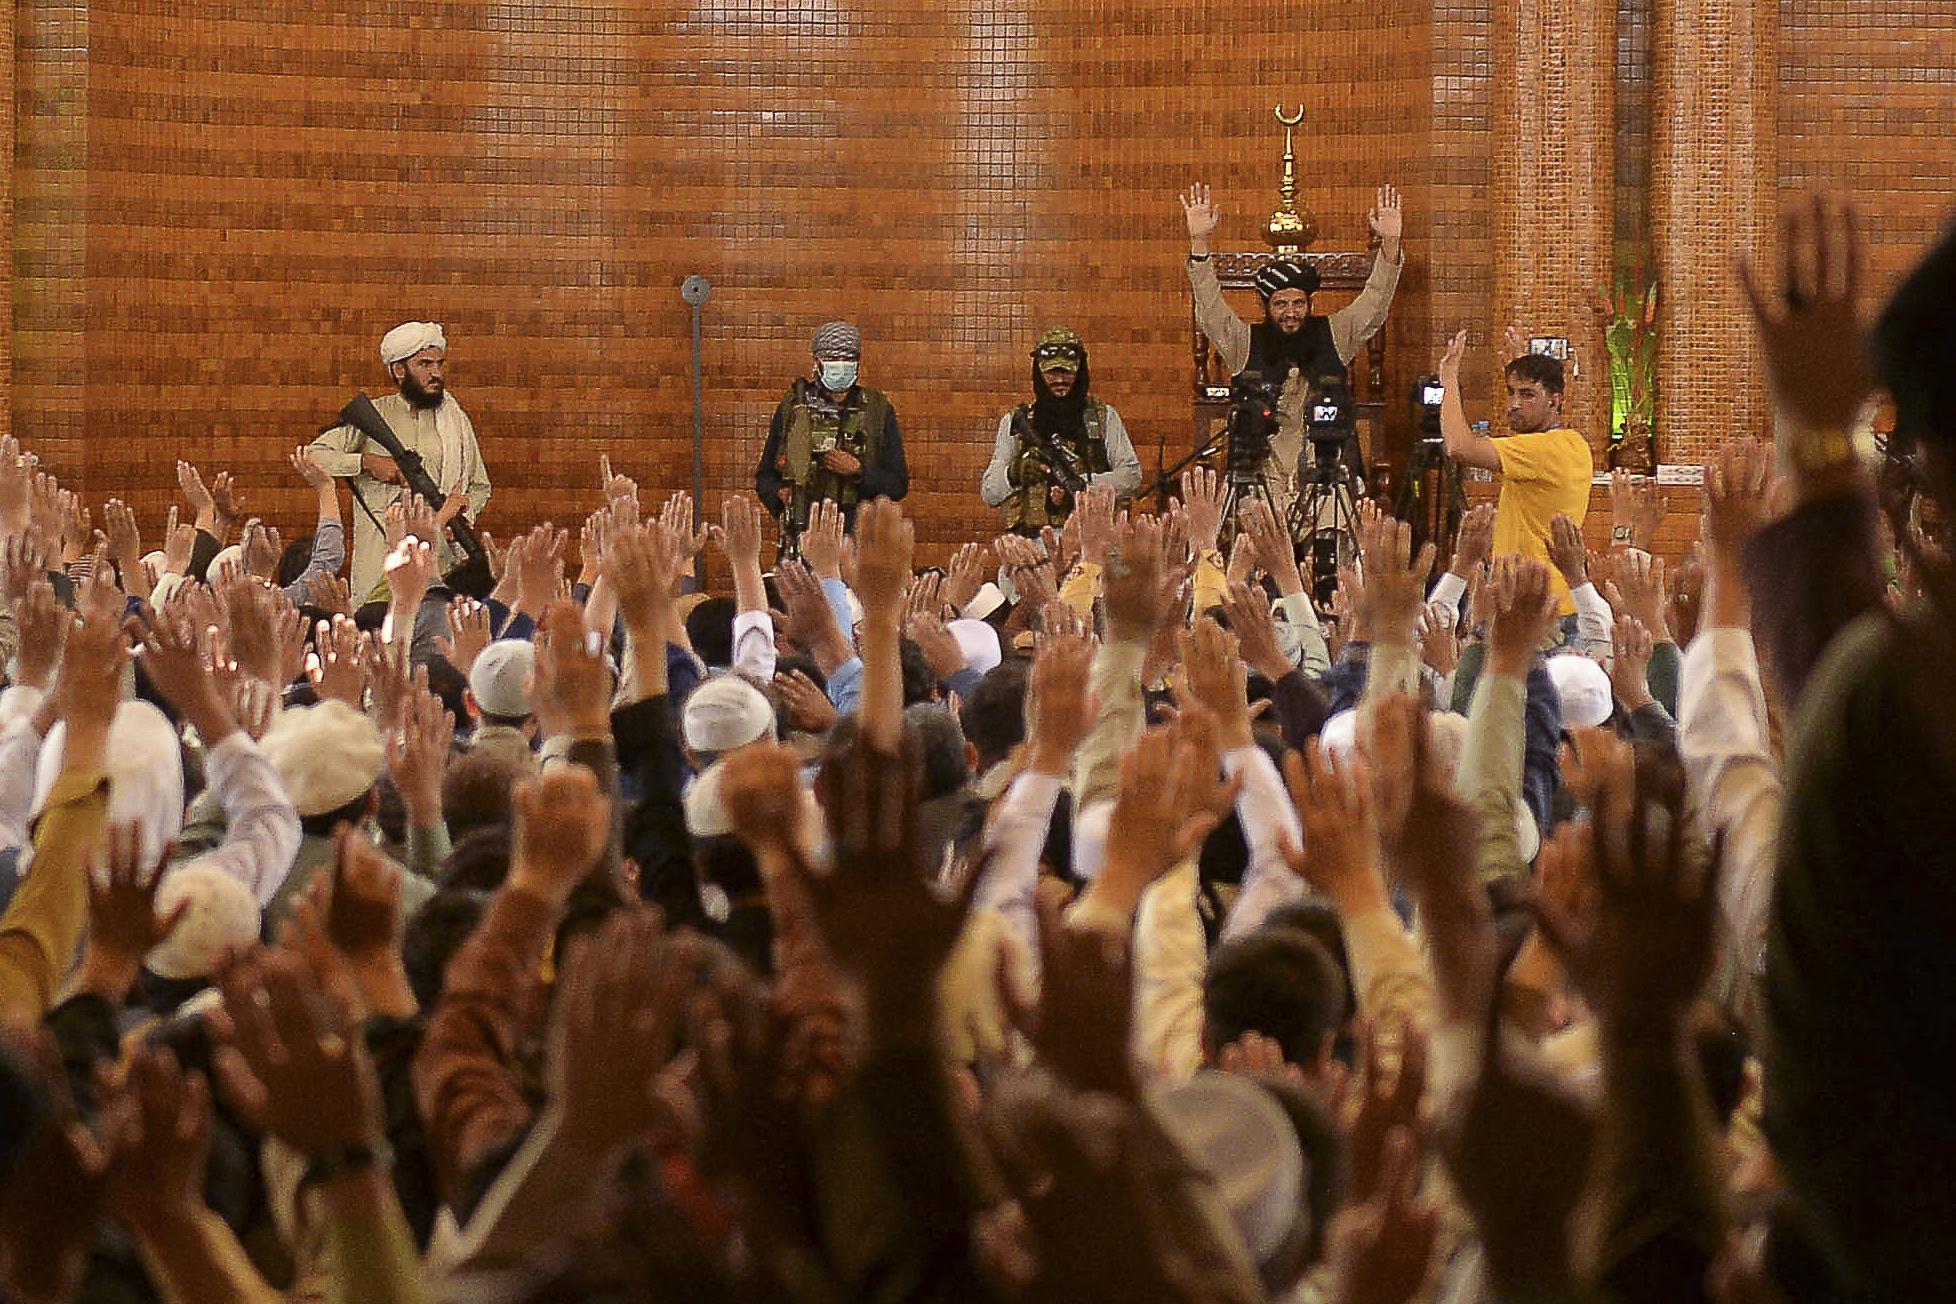 Các chiến binh Taliban tham gia lễ cầu nguyện tại thánh đường Hồi giáo Abdul Rahman, Kabul vào ngày 20/8. Ảnh: AFP.